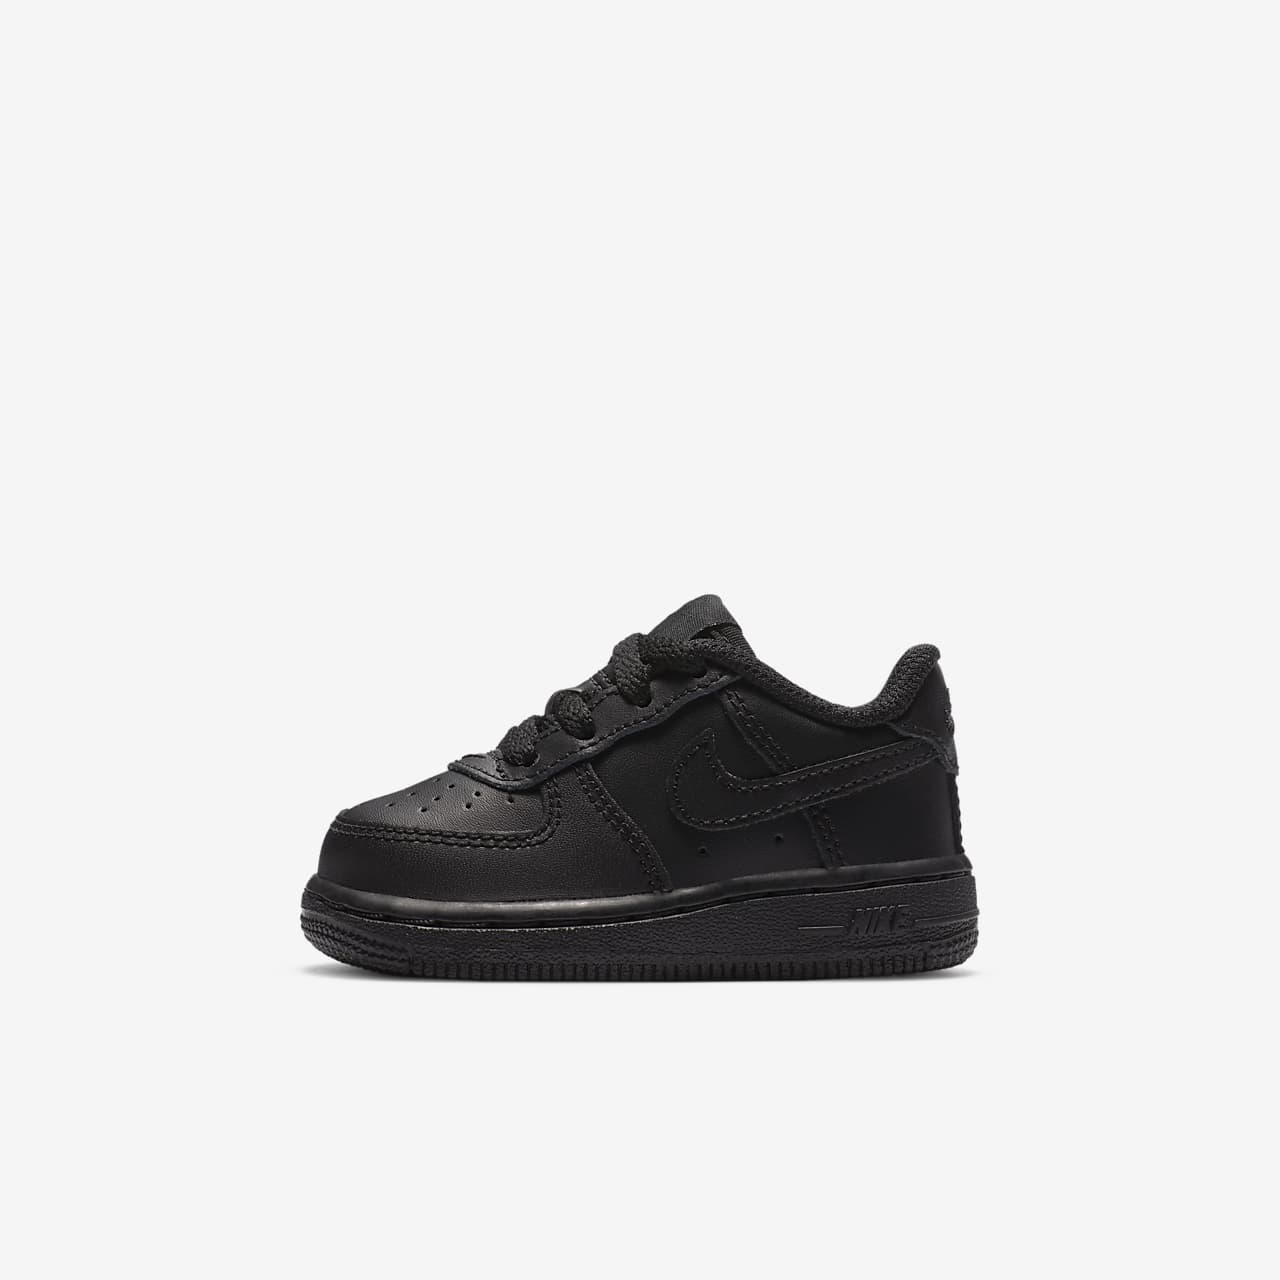 Buty dla niemowląt Nike Air Force 1 06